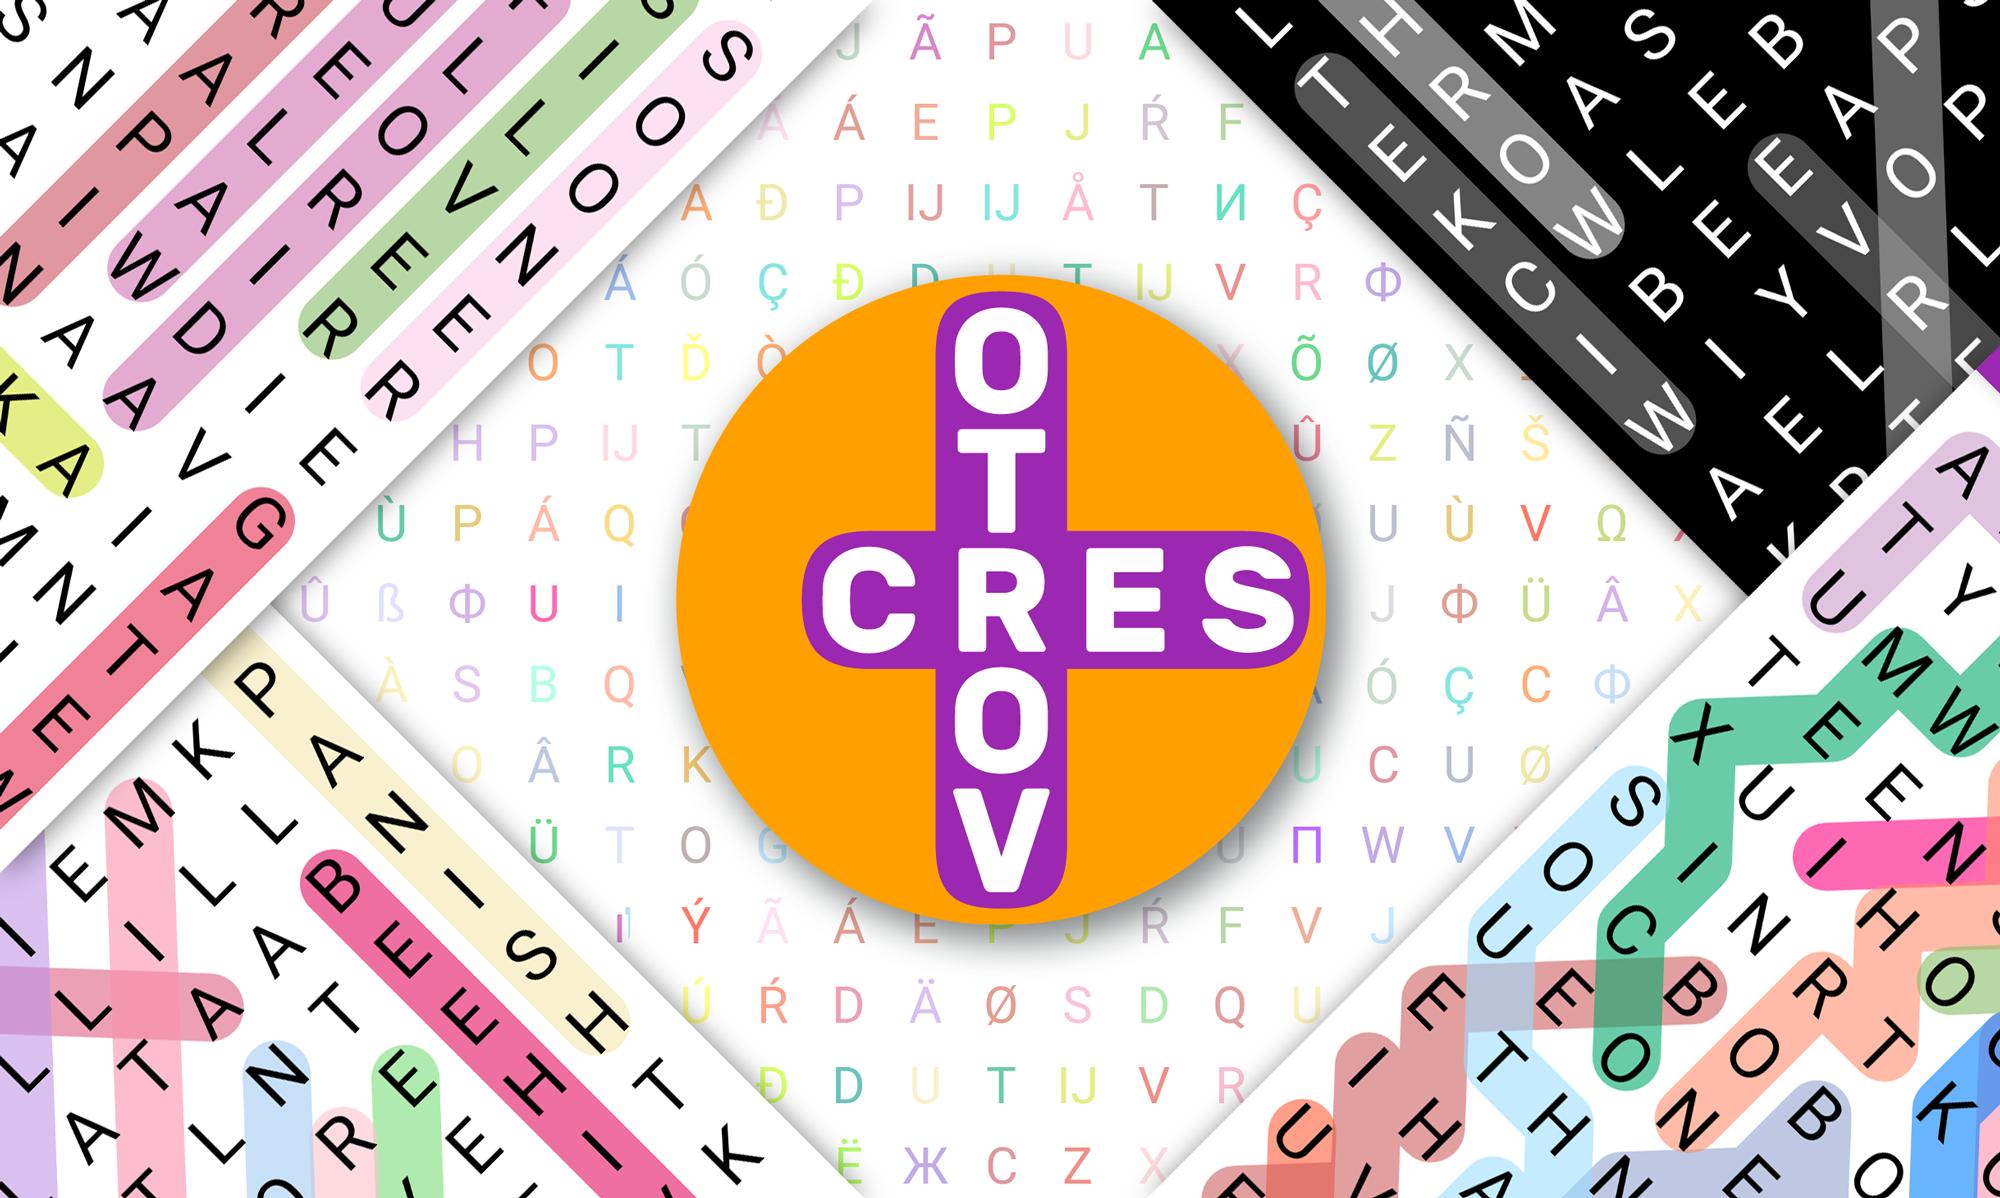 Beispiele für die einzigartigen Wortsuchpuzzles, die mit der Vortoserc App von Prosults Studio gemacht wurden